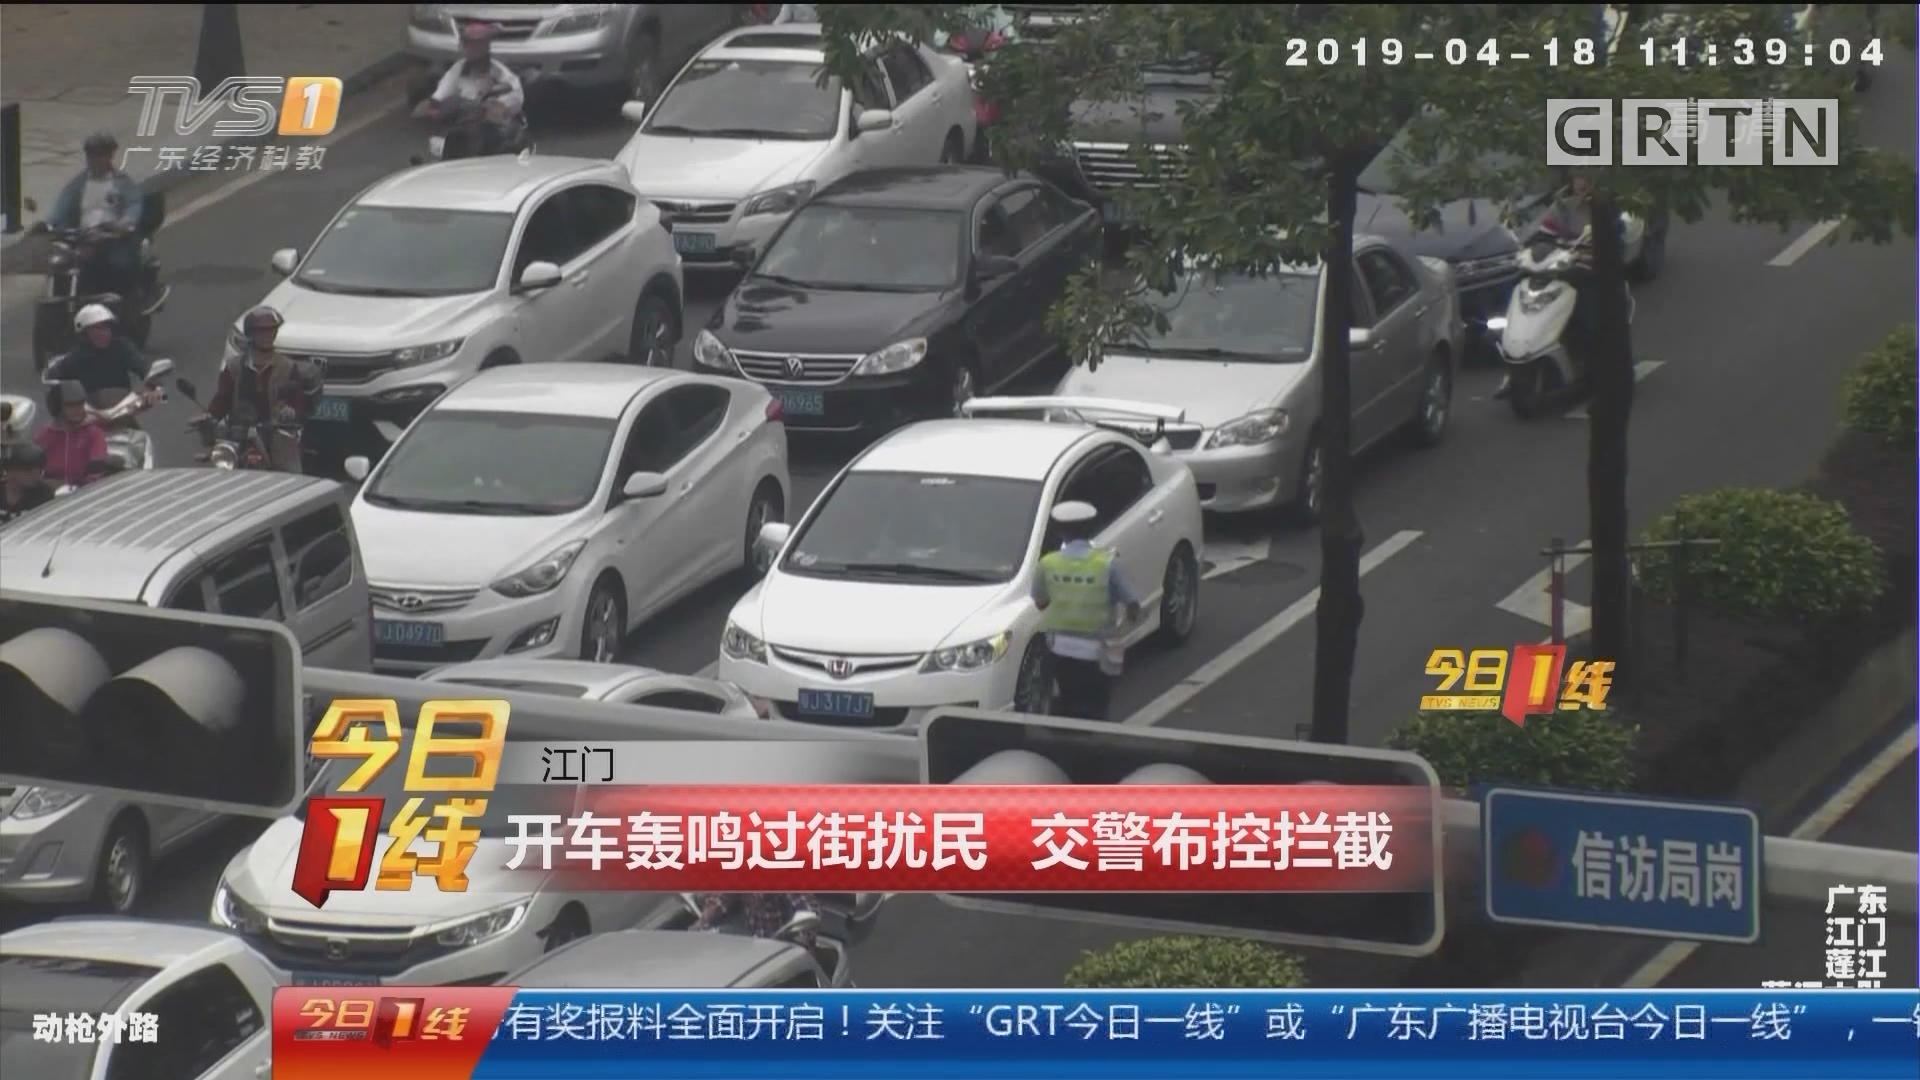 江门:开车轰鸣过街扰民 交警布控拦截